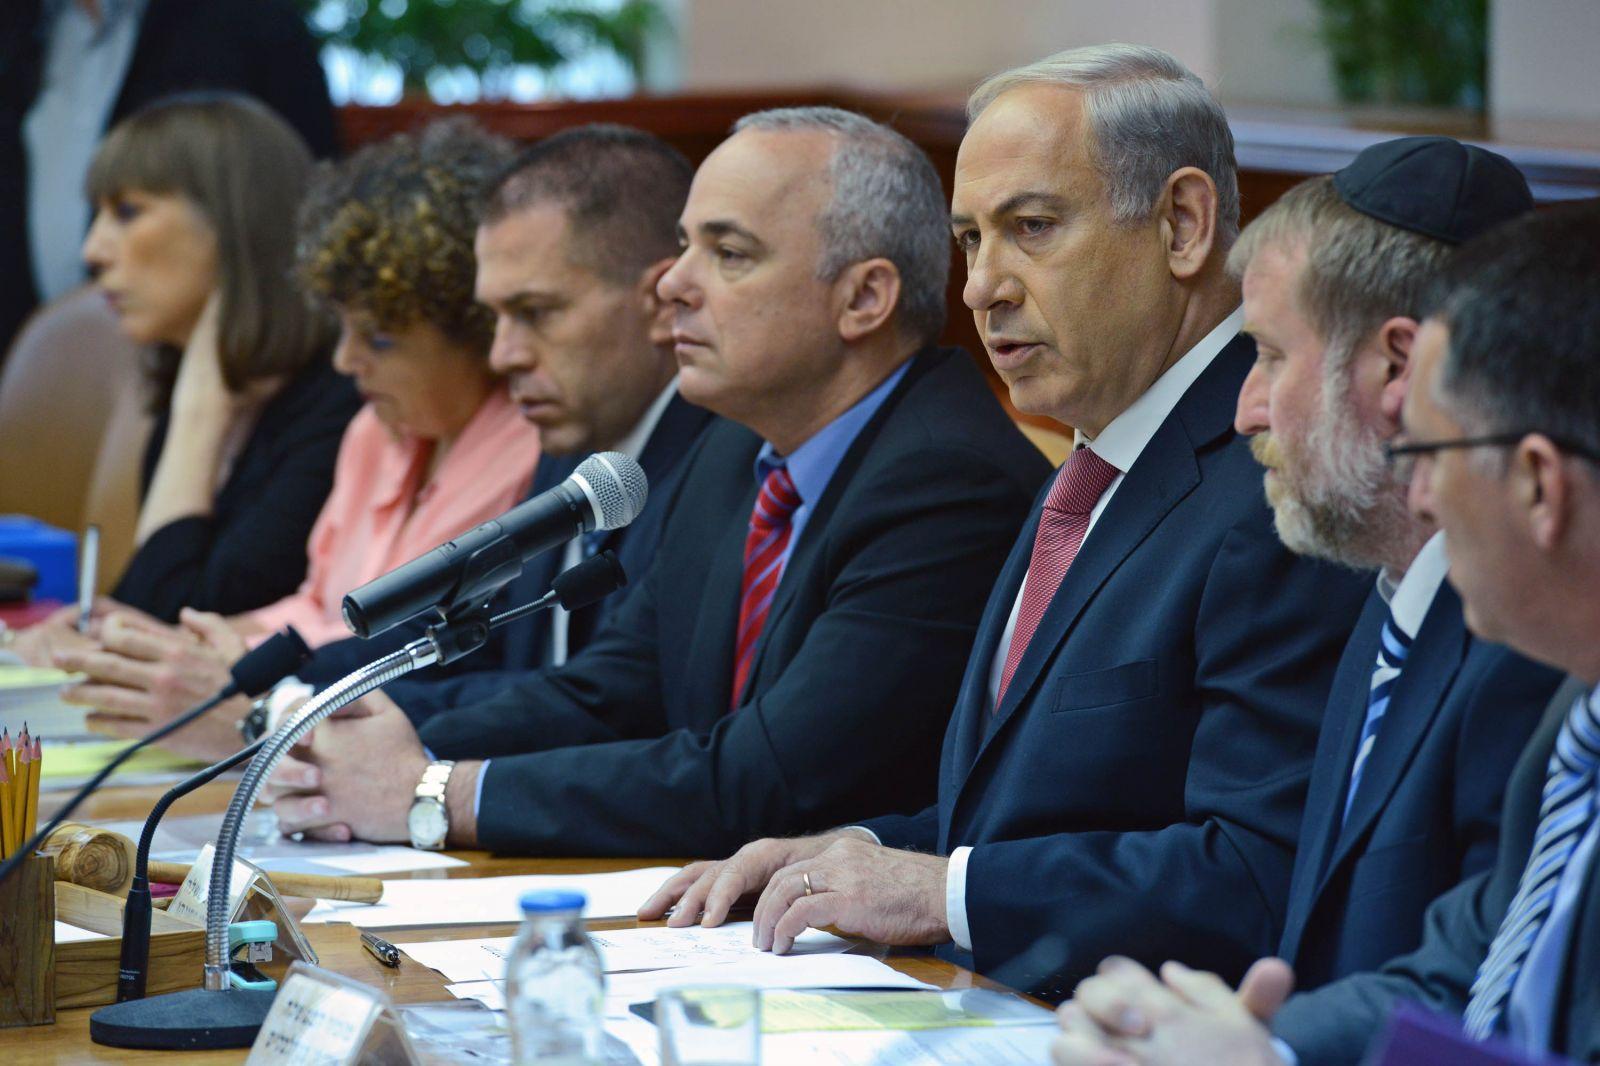 """تغييرات سياسية في اسرائيل تطلق أجراس الإنذار من """"بذور الفاشية"""""""